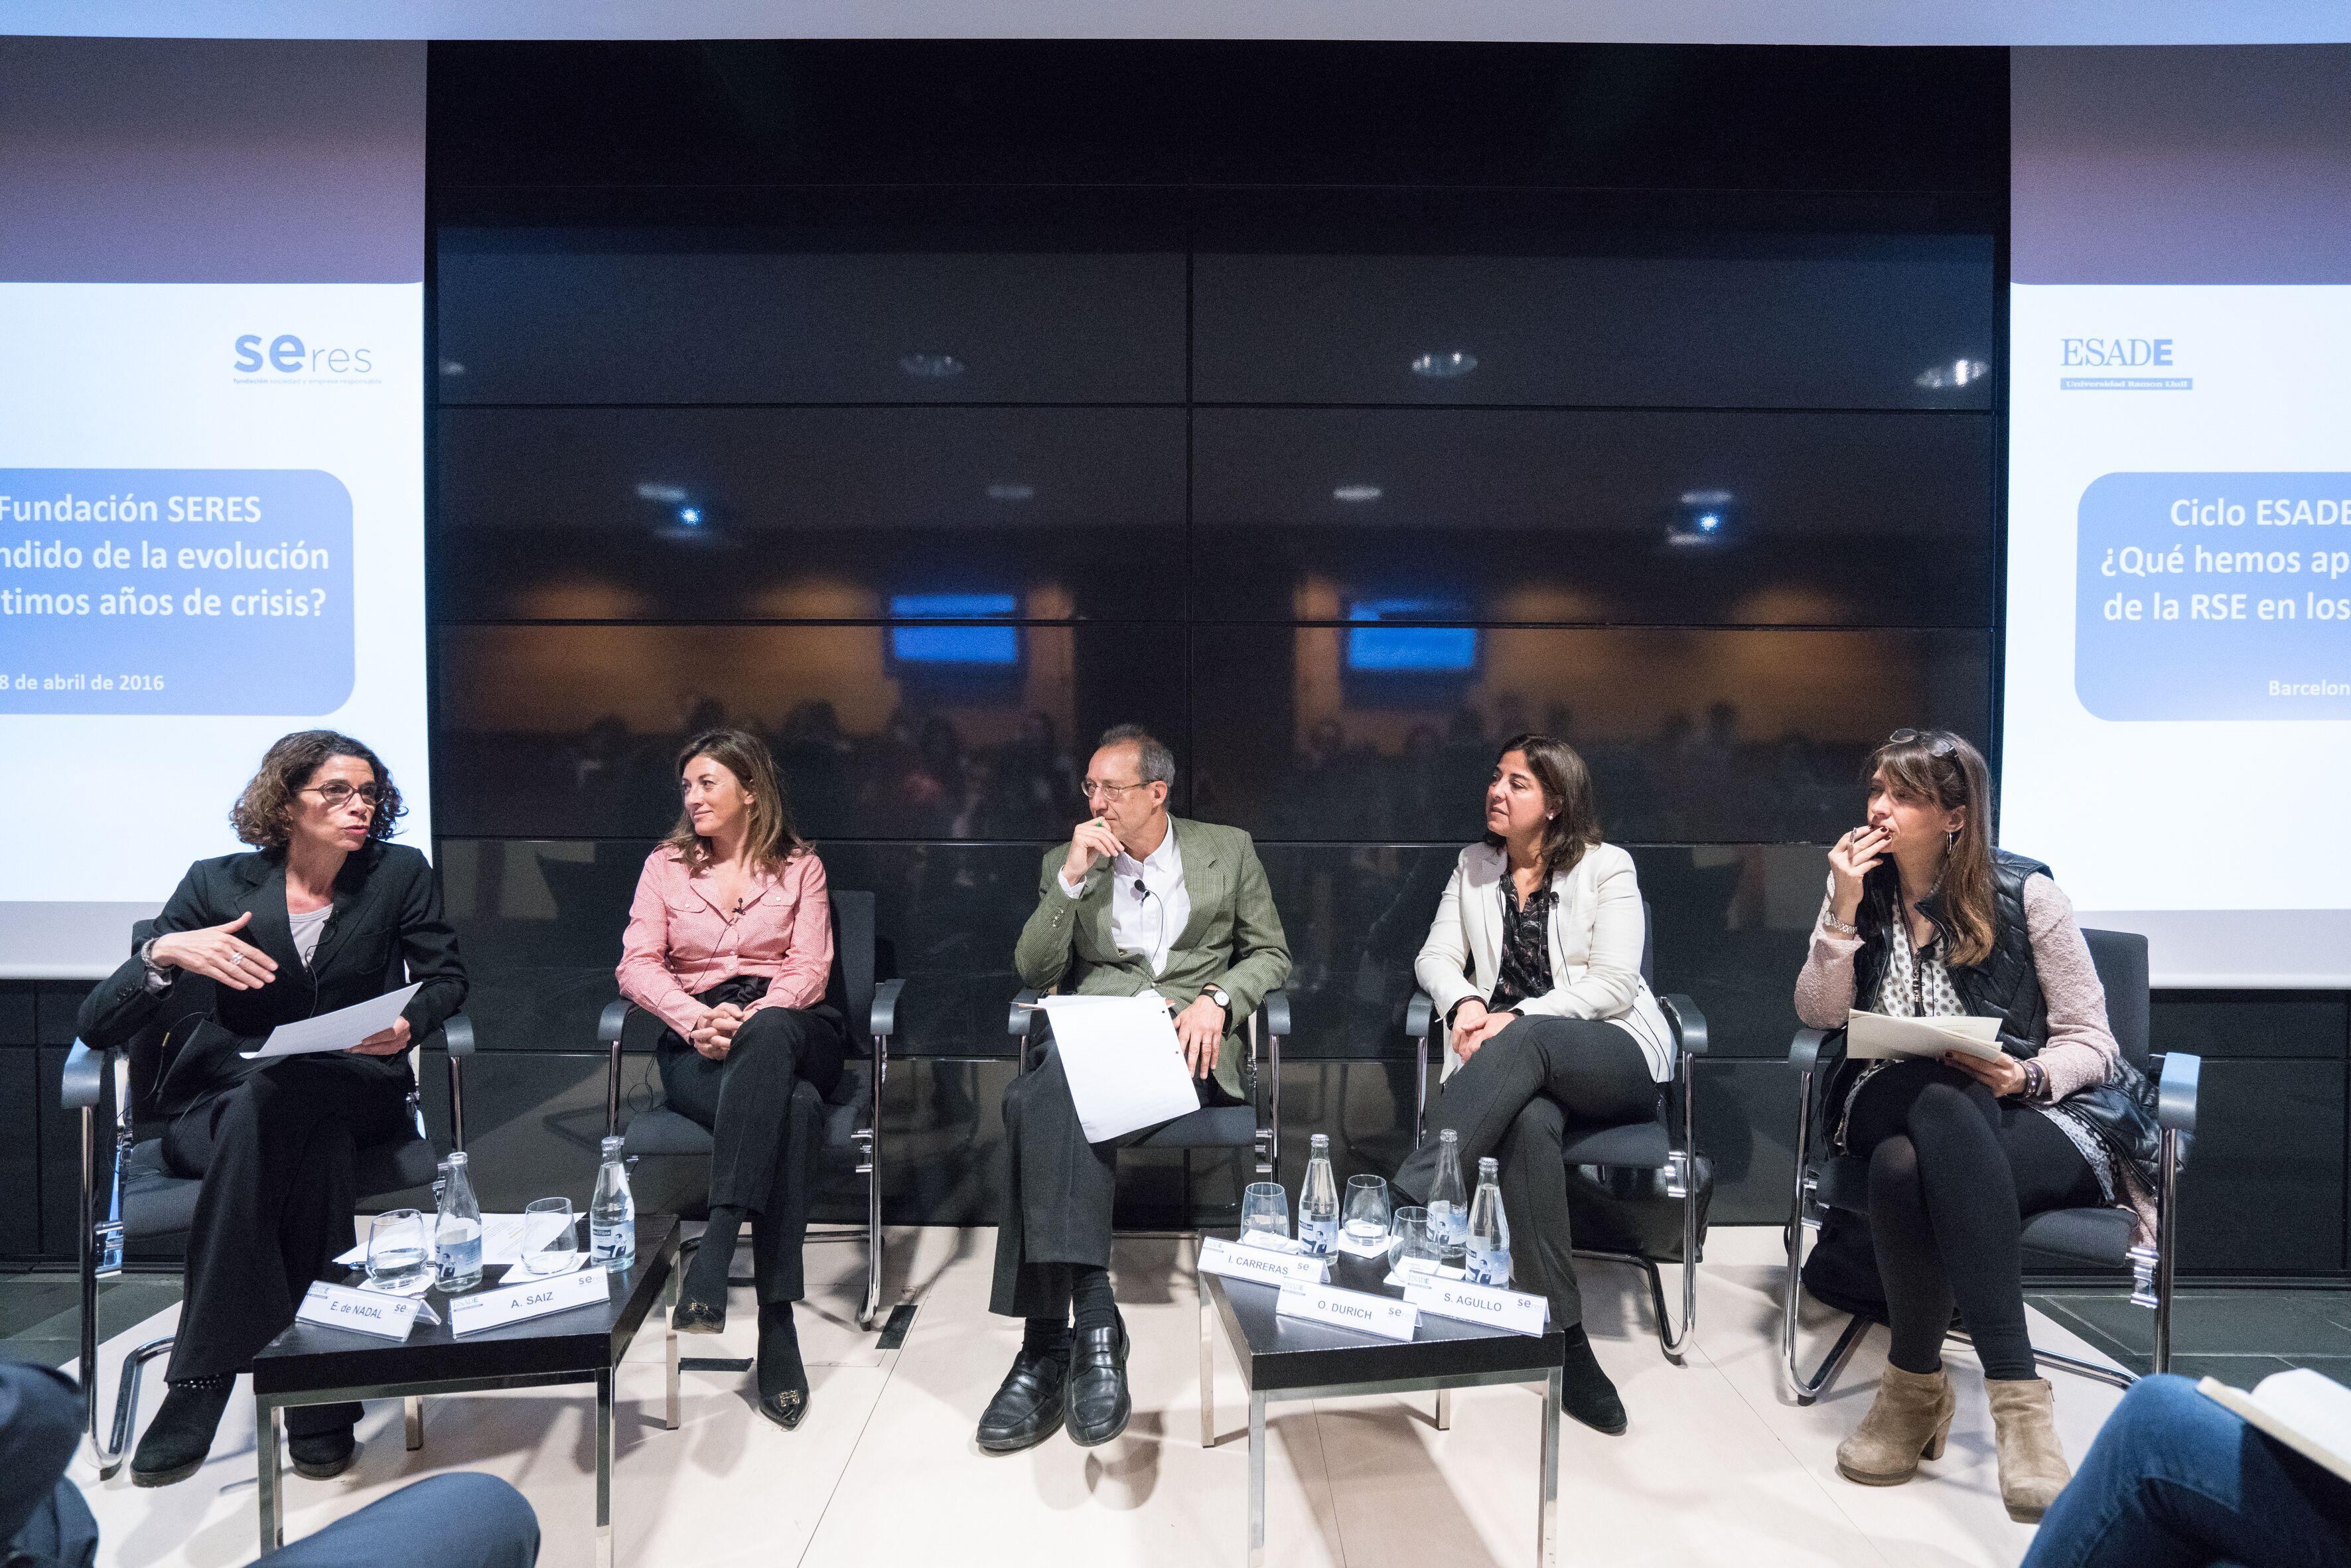 Ciclo de conferencias Fundación SERES-ESADE